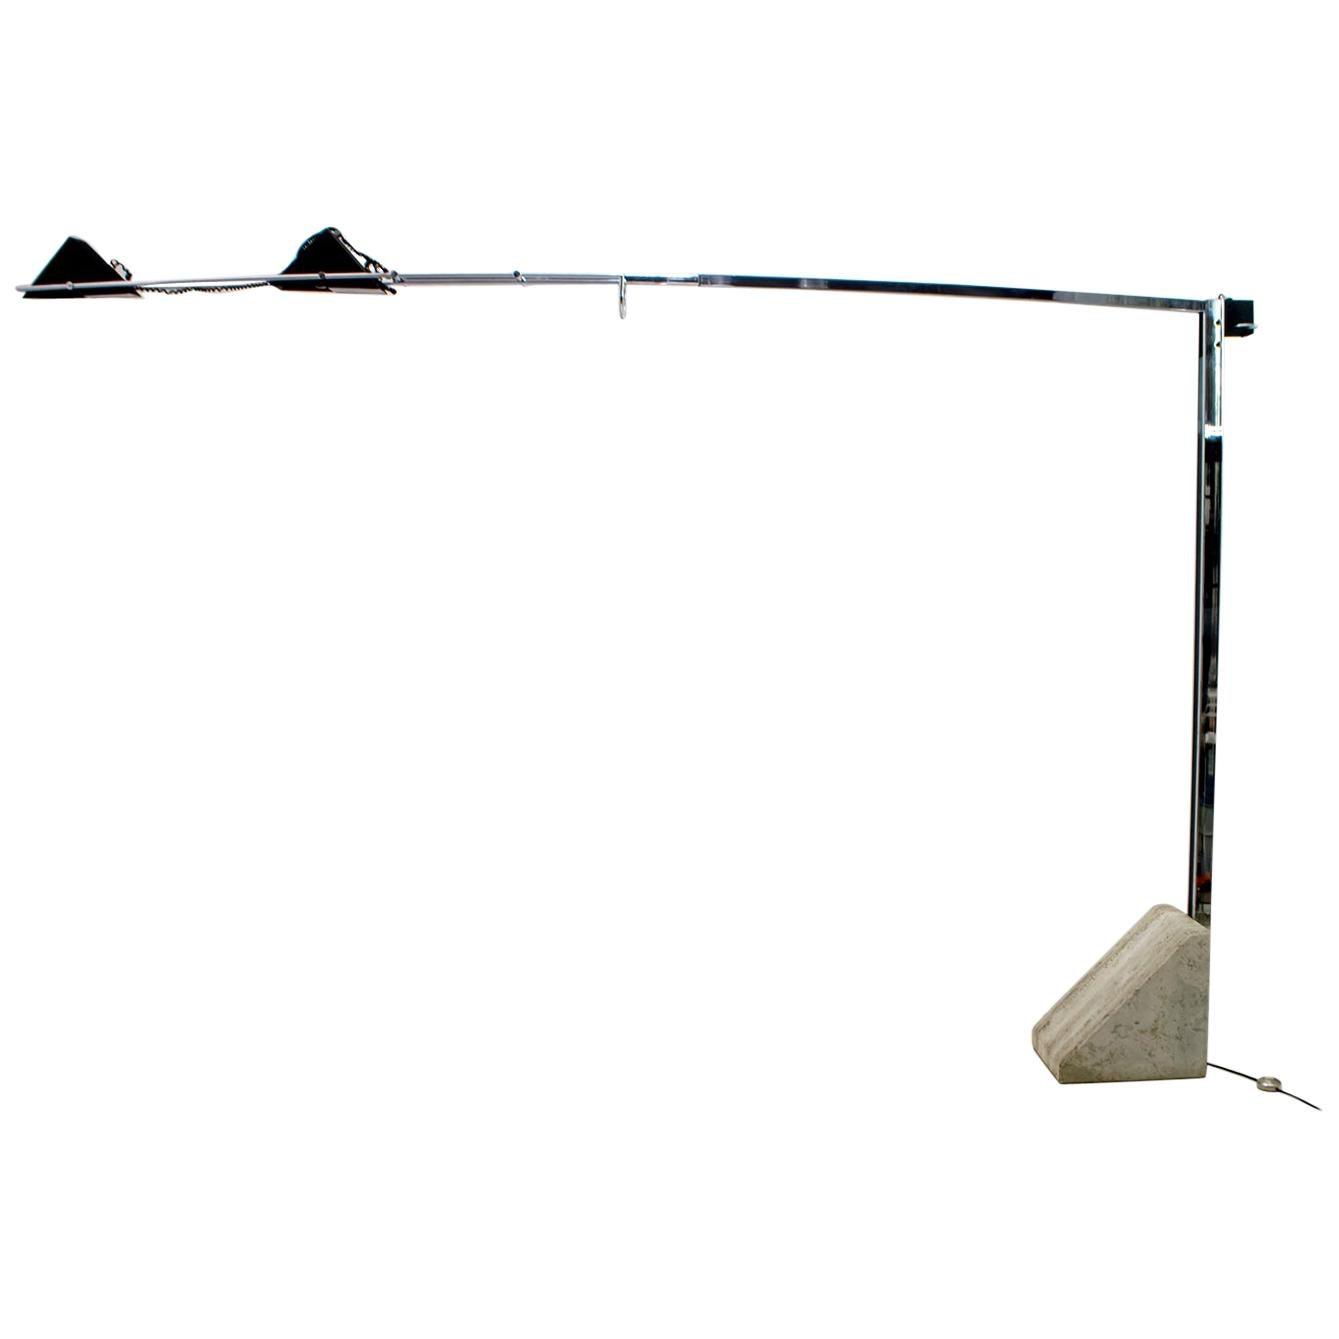 Mid-Century Modern Italian Steel and Travertine Floor Lamp, 1970s